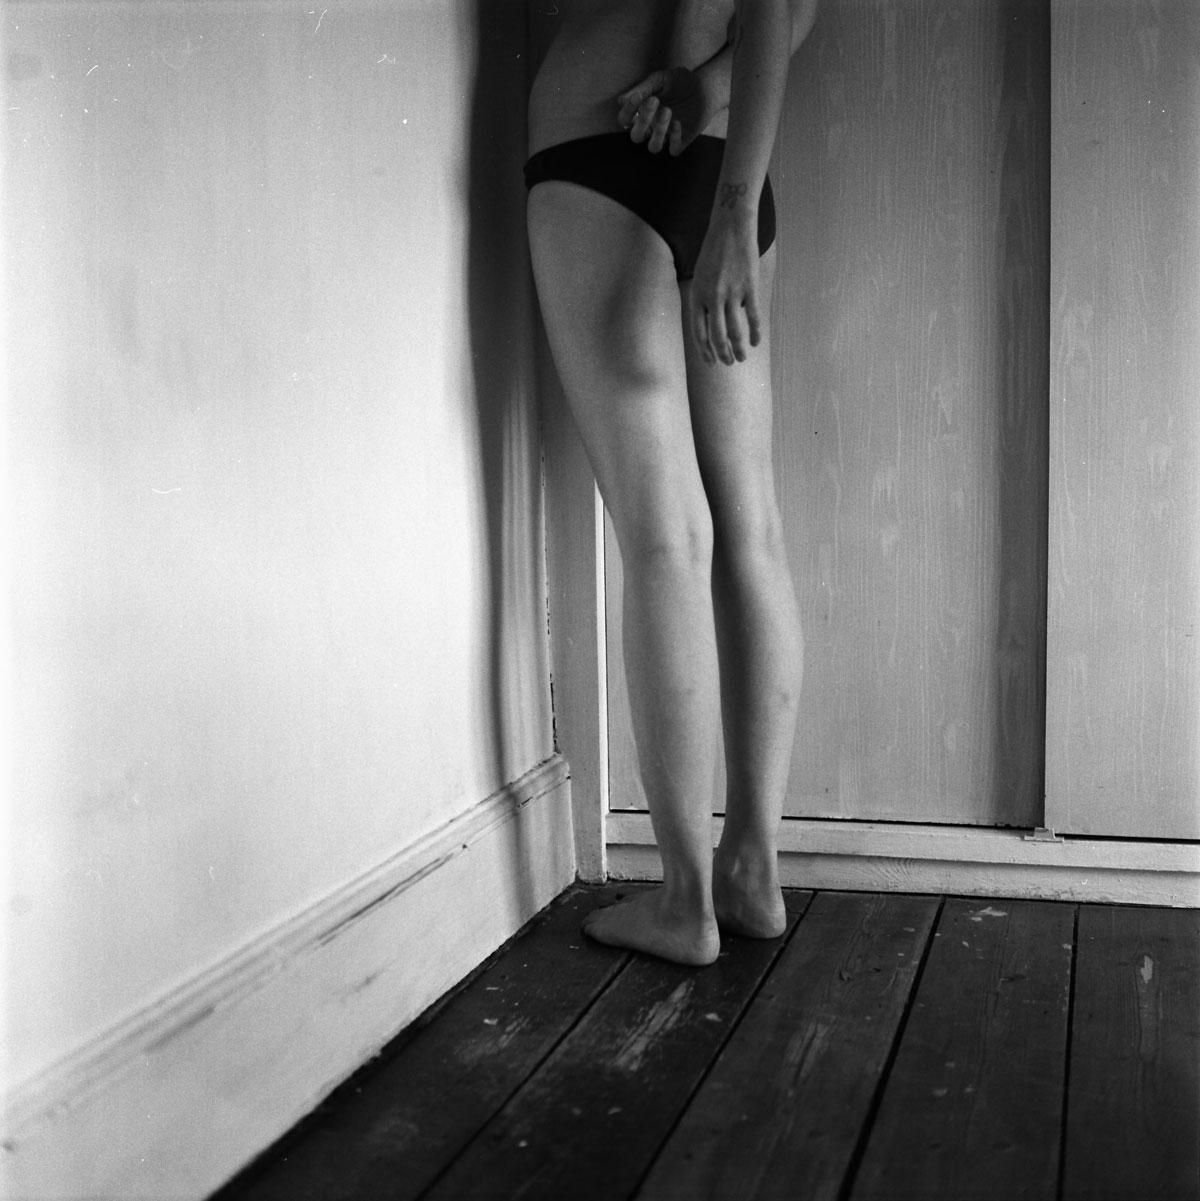 © Leanne Surfleet